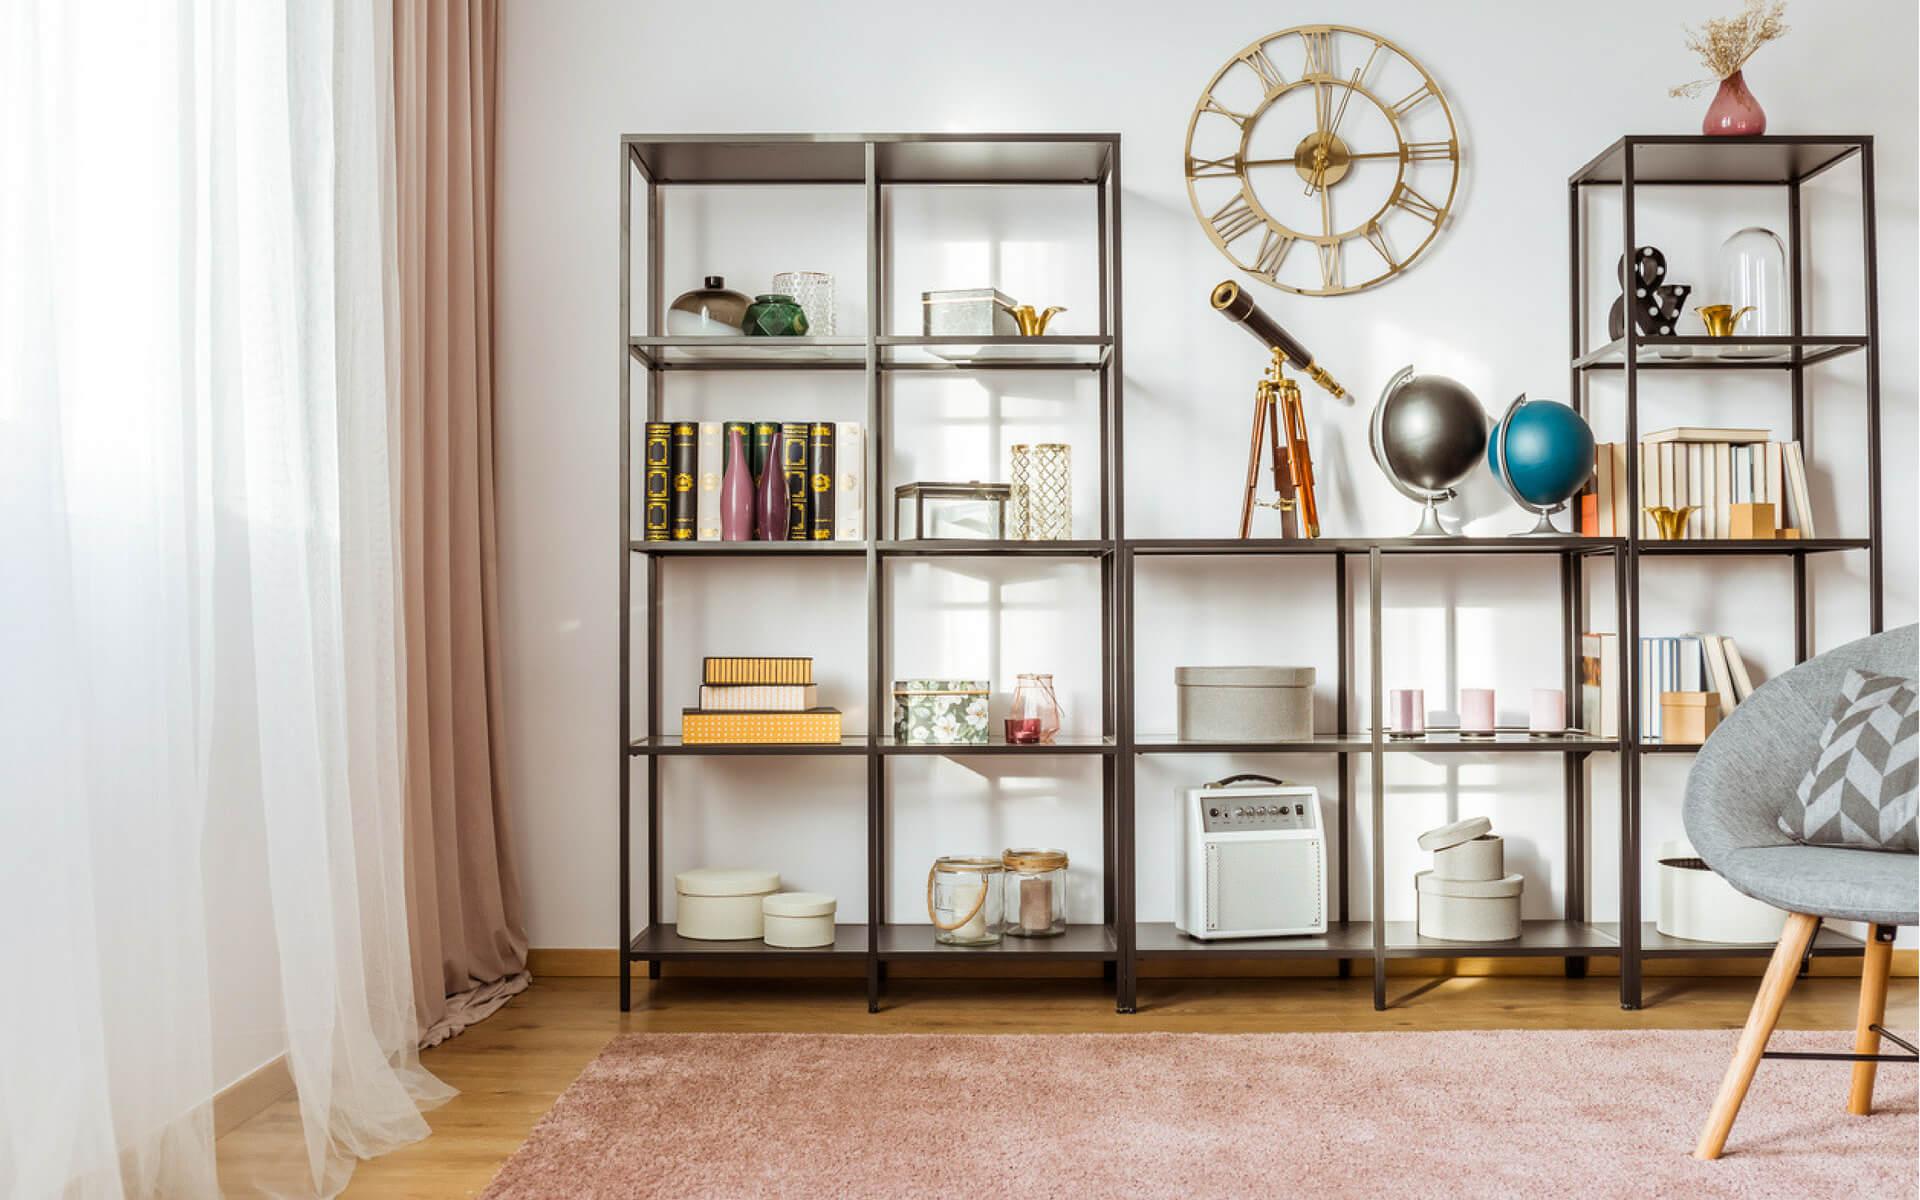 Come Arredare Una Libreria In Modo Creativo Blog Oknoplast